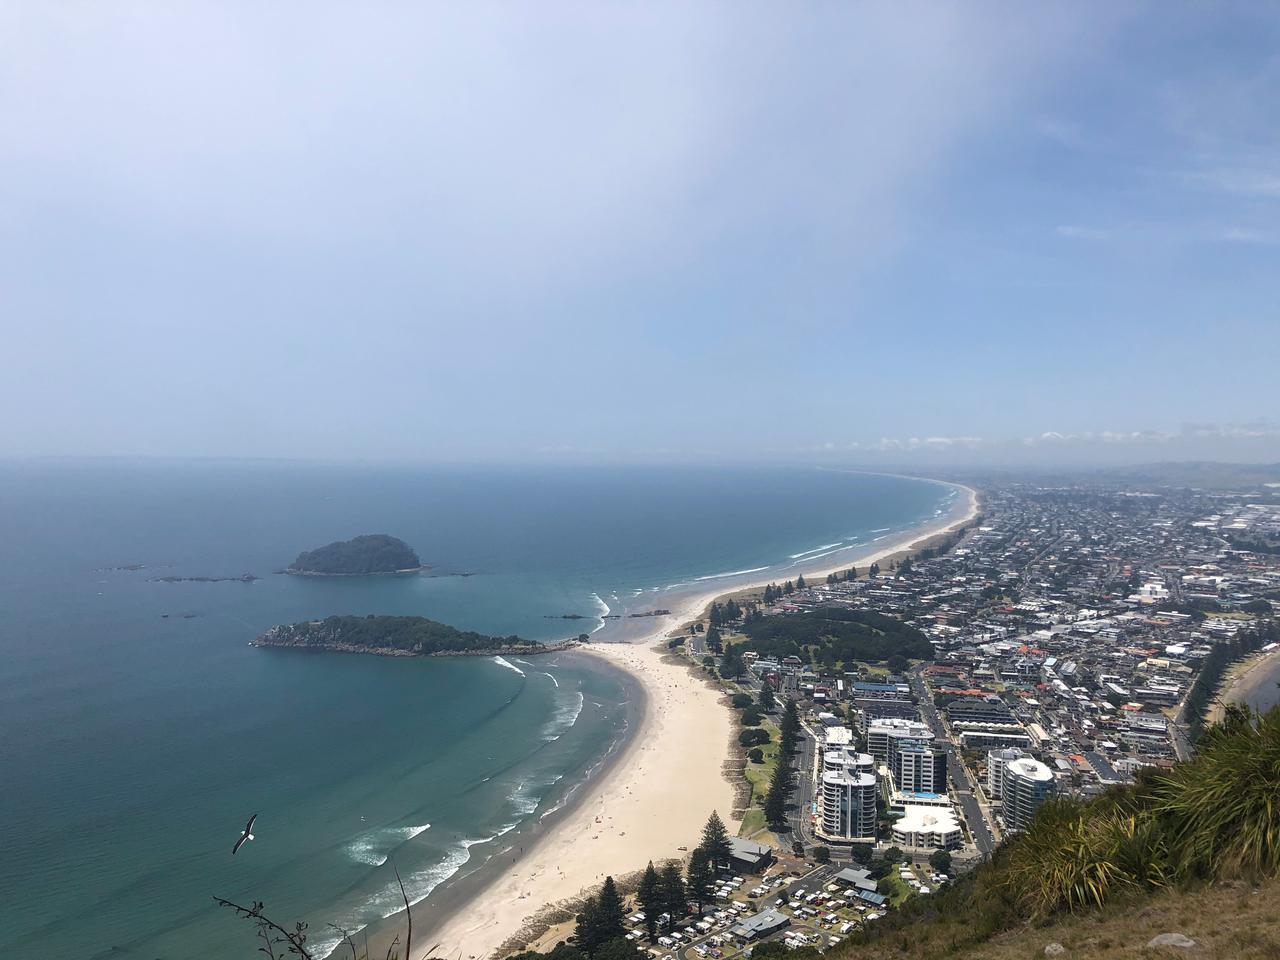 画像1: タウランガ・マウンガヌイ山からの眺め/鈴木撮影(イメージ)